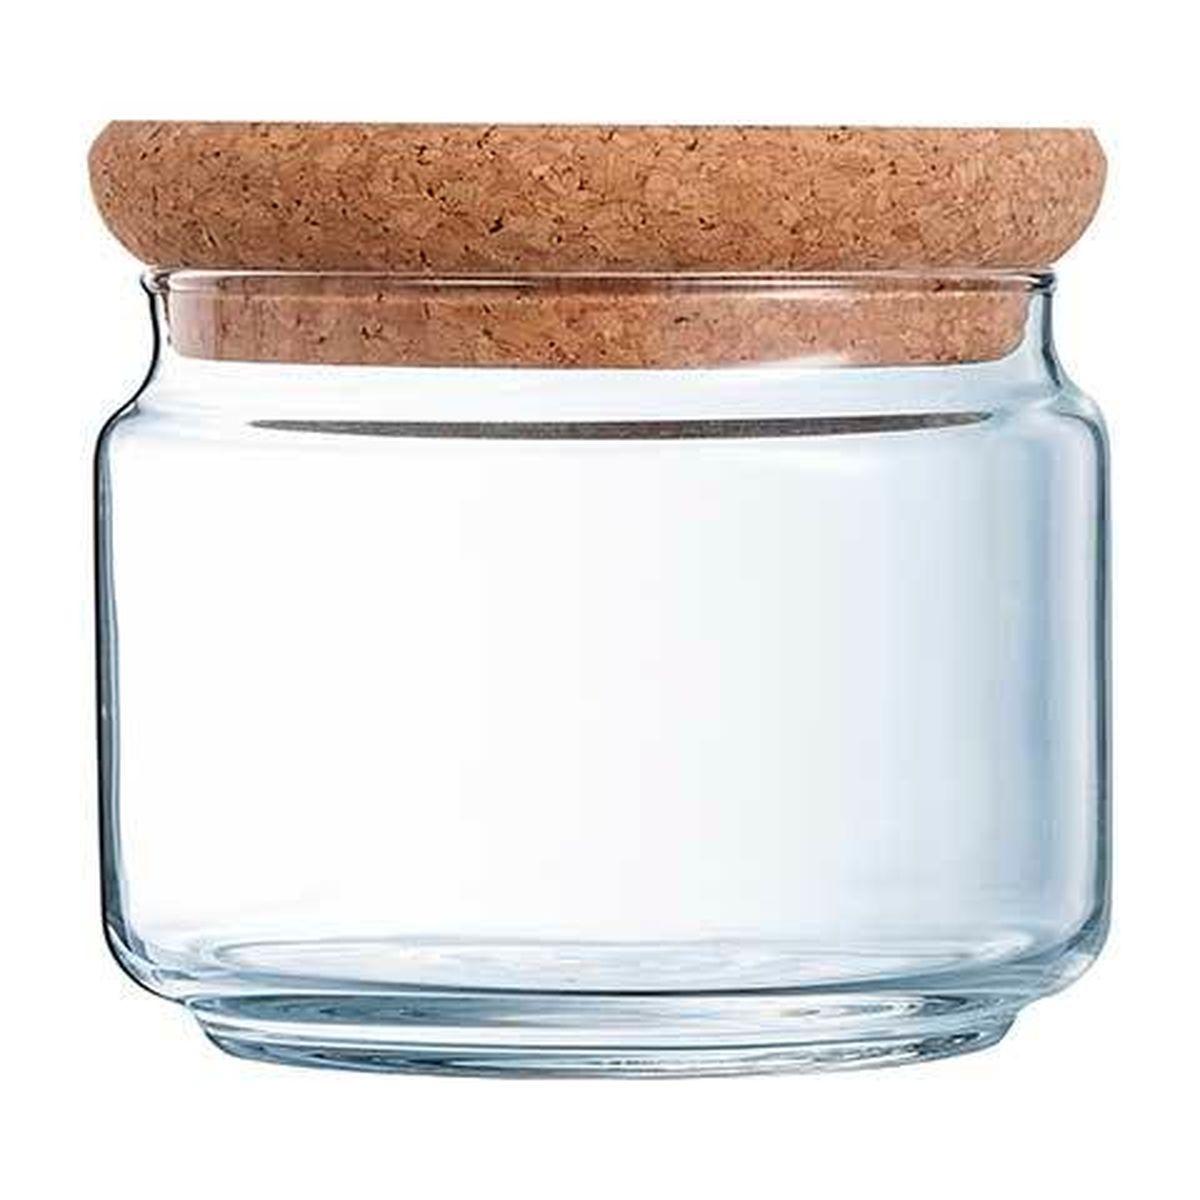 Bocal en verre avec couvercle liège 0,5l 11cmx11cmx8cm - Luminarc